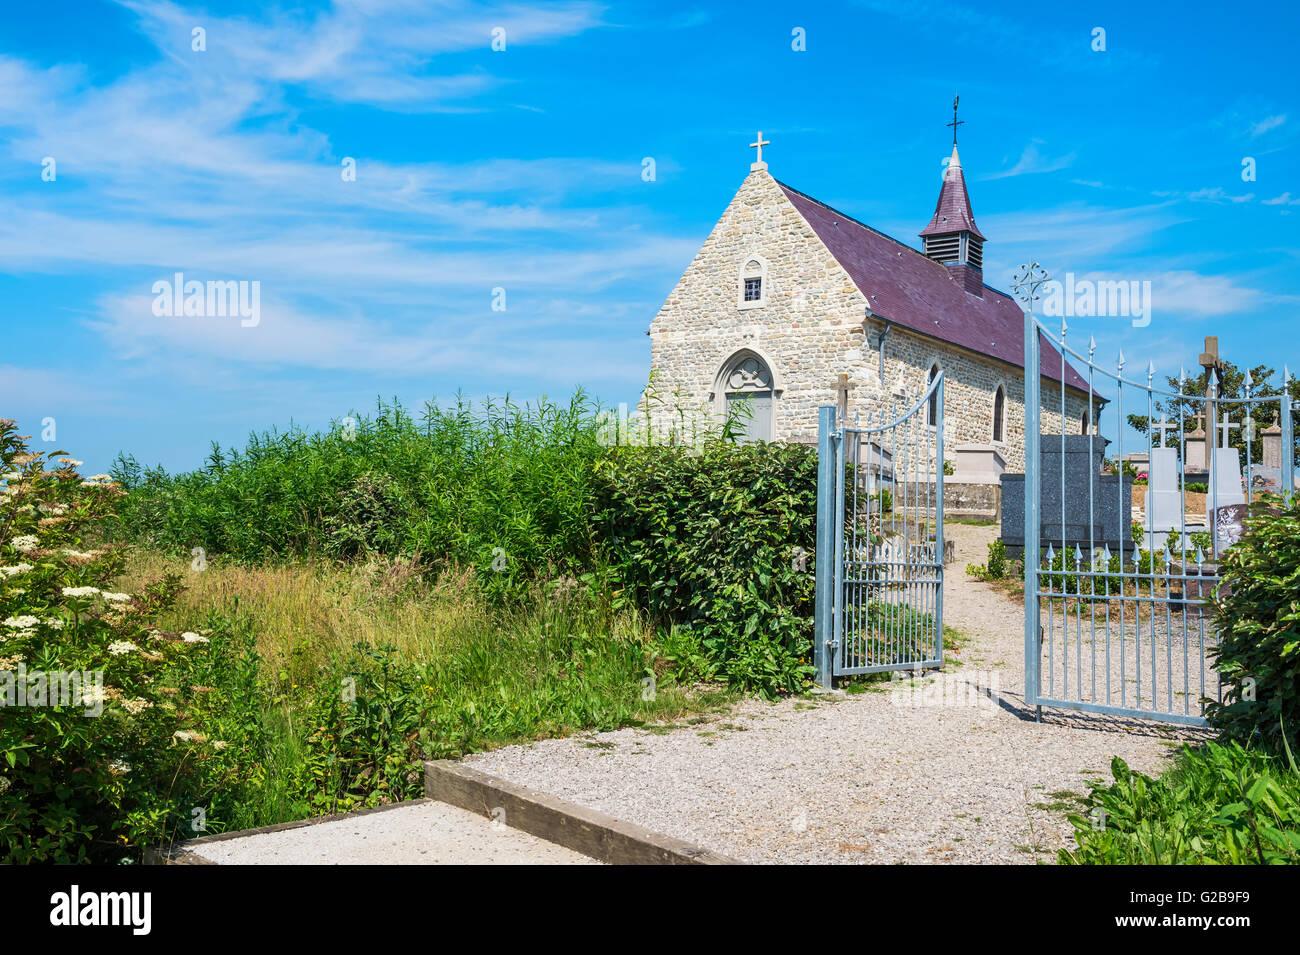 St. Martin Church, Tardinghen, Côte d'Opale, Region Nord-Pas de Calais, France - Stock Image